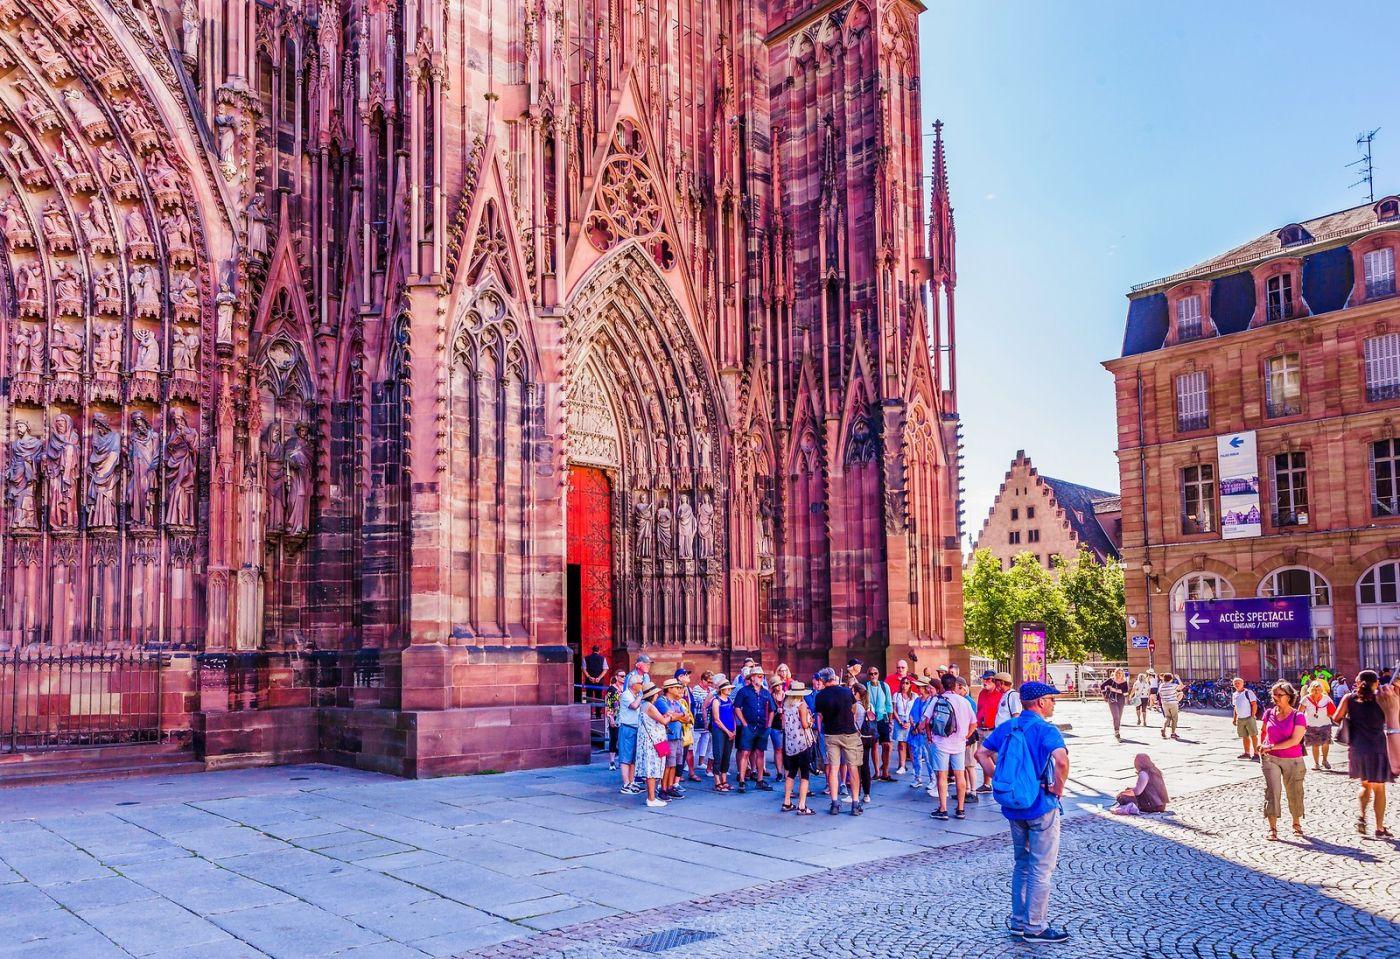 法国斯特拉斯堡(Strasbourg),八百年的主教堂_图1-20